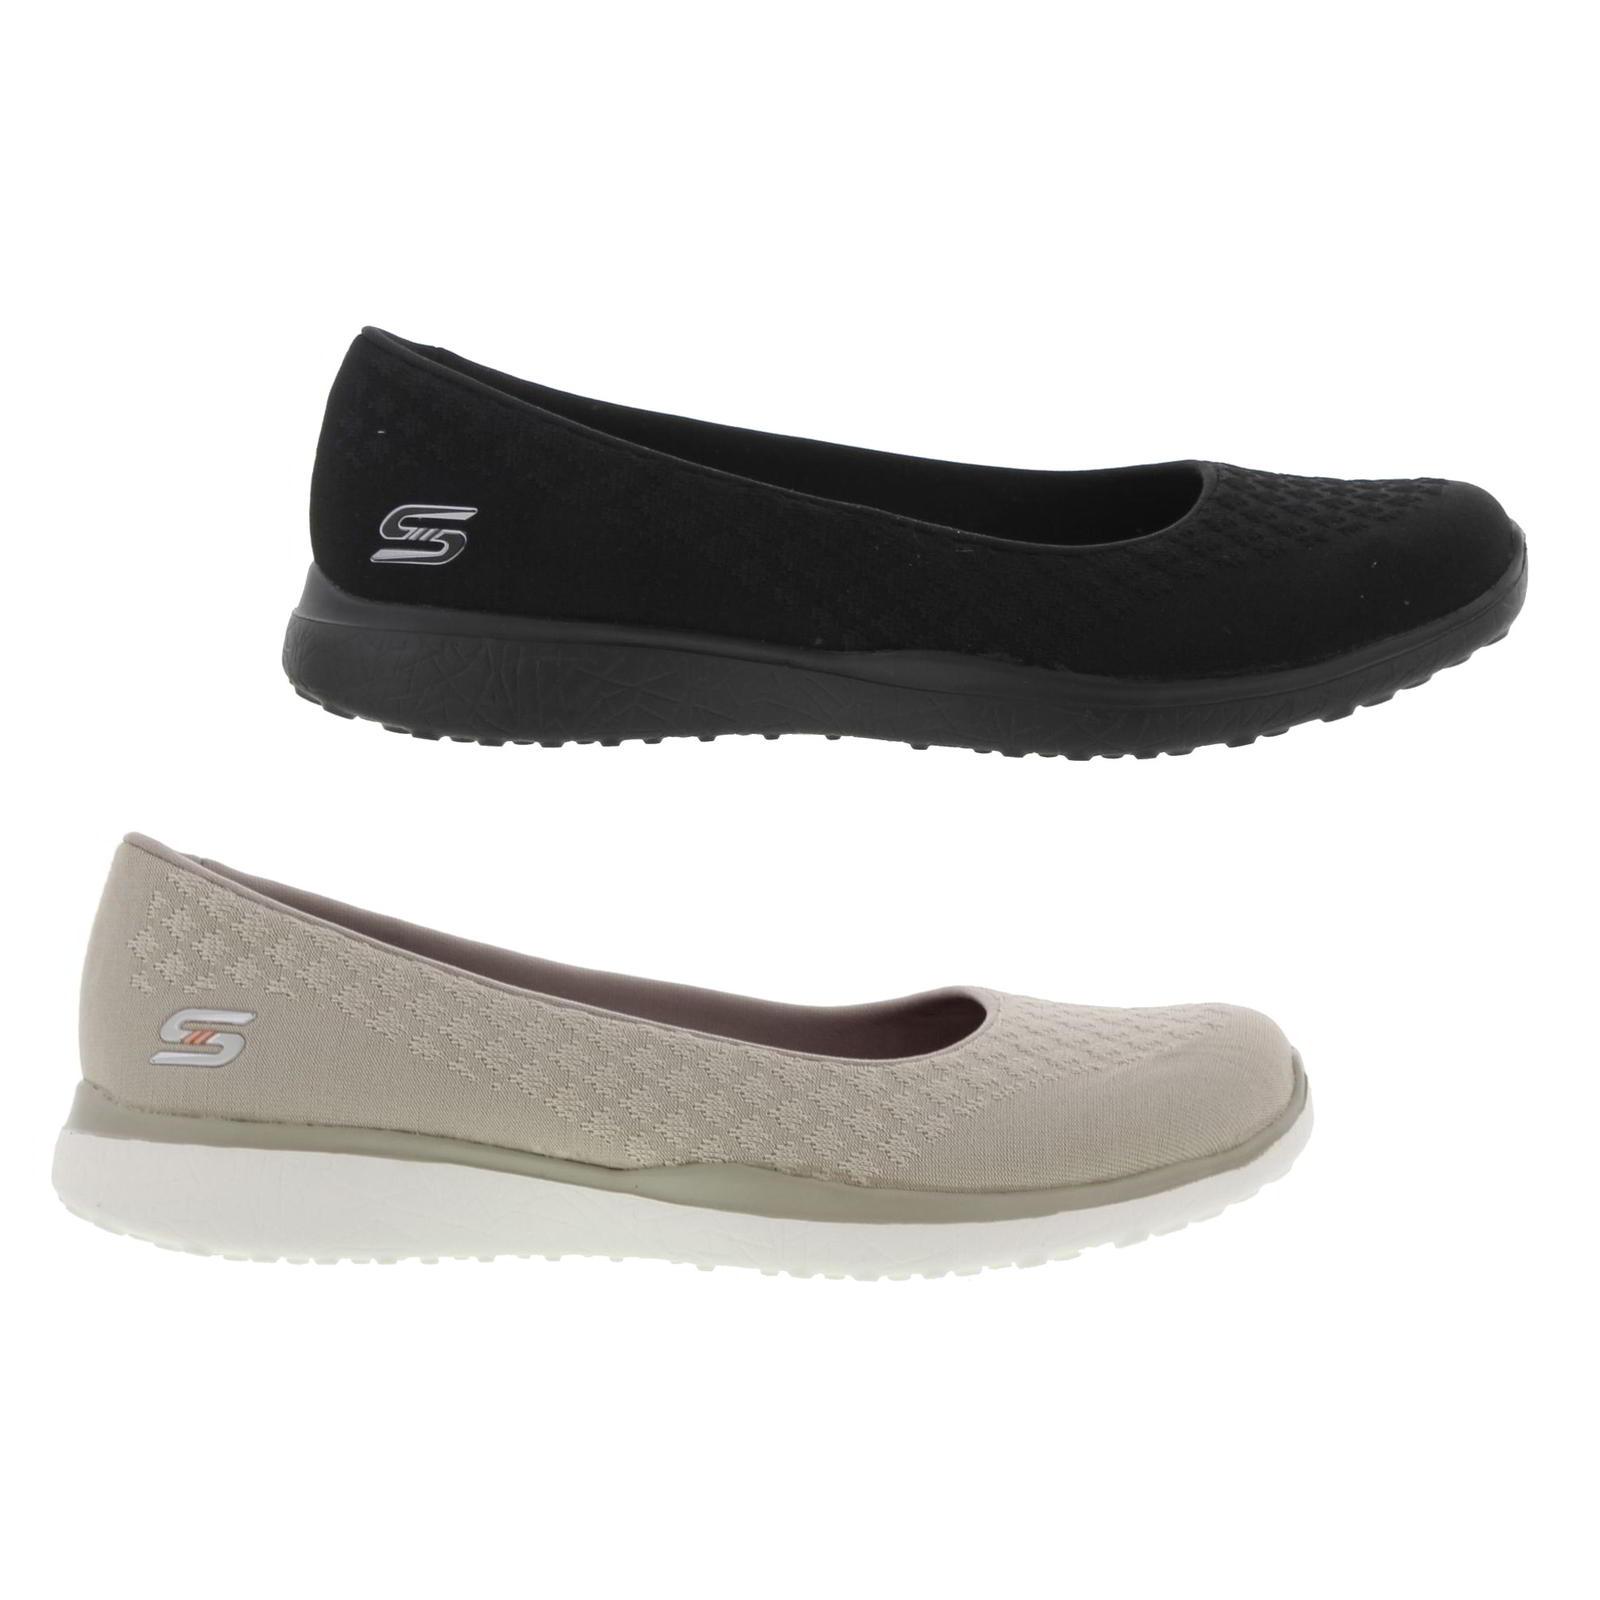 Détails sur Skechers Microburst One Up Pour Femme Femmes Ballerine  Escarpins Chaussures Taille UK 4-8- afficher le titre d'origine